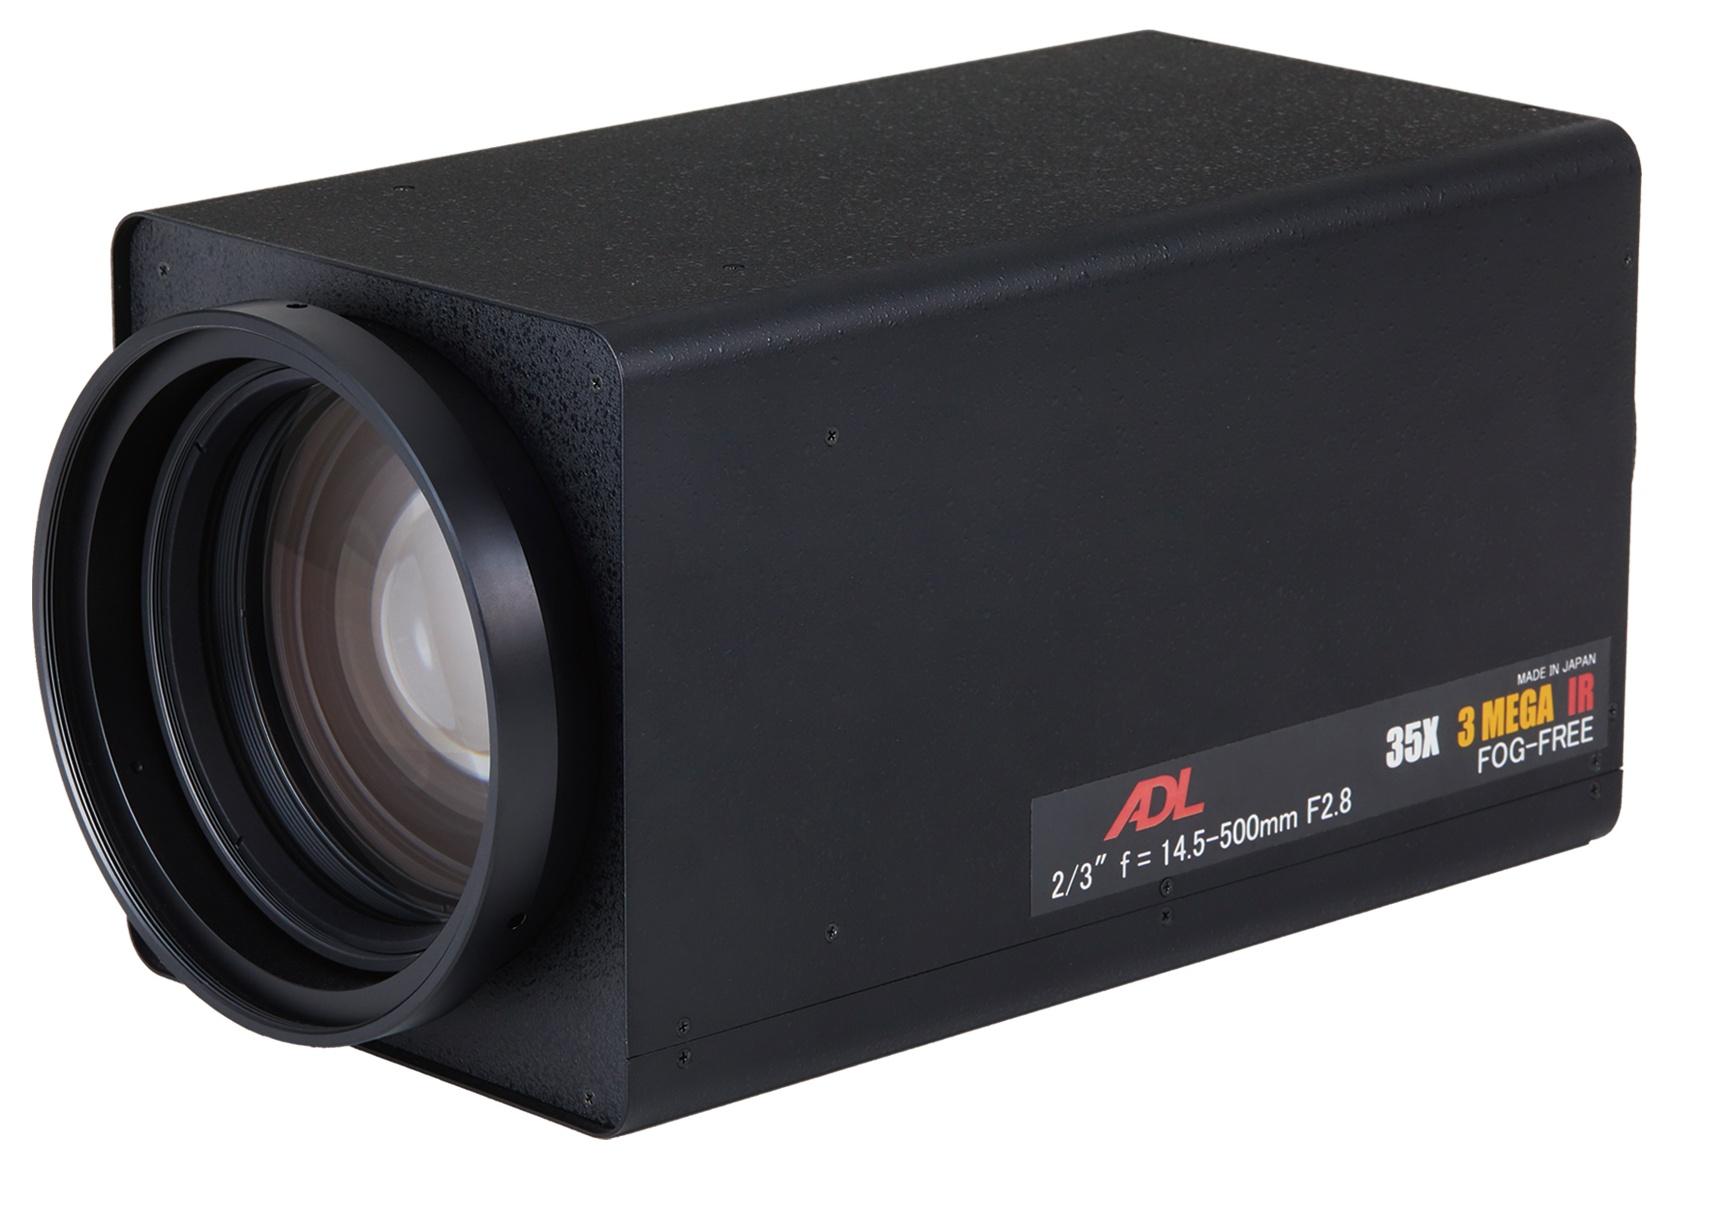 远距离高清电动变焦镜头